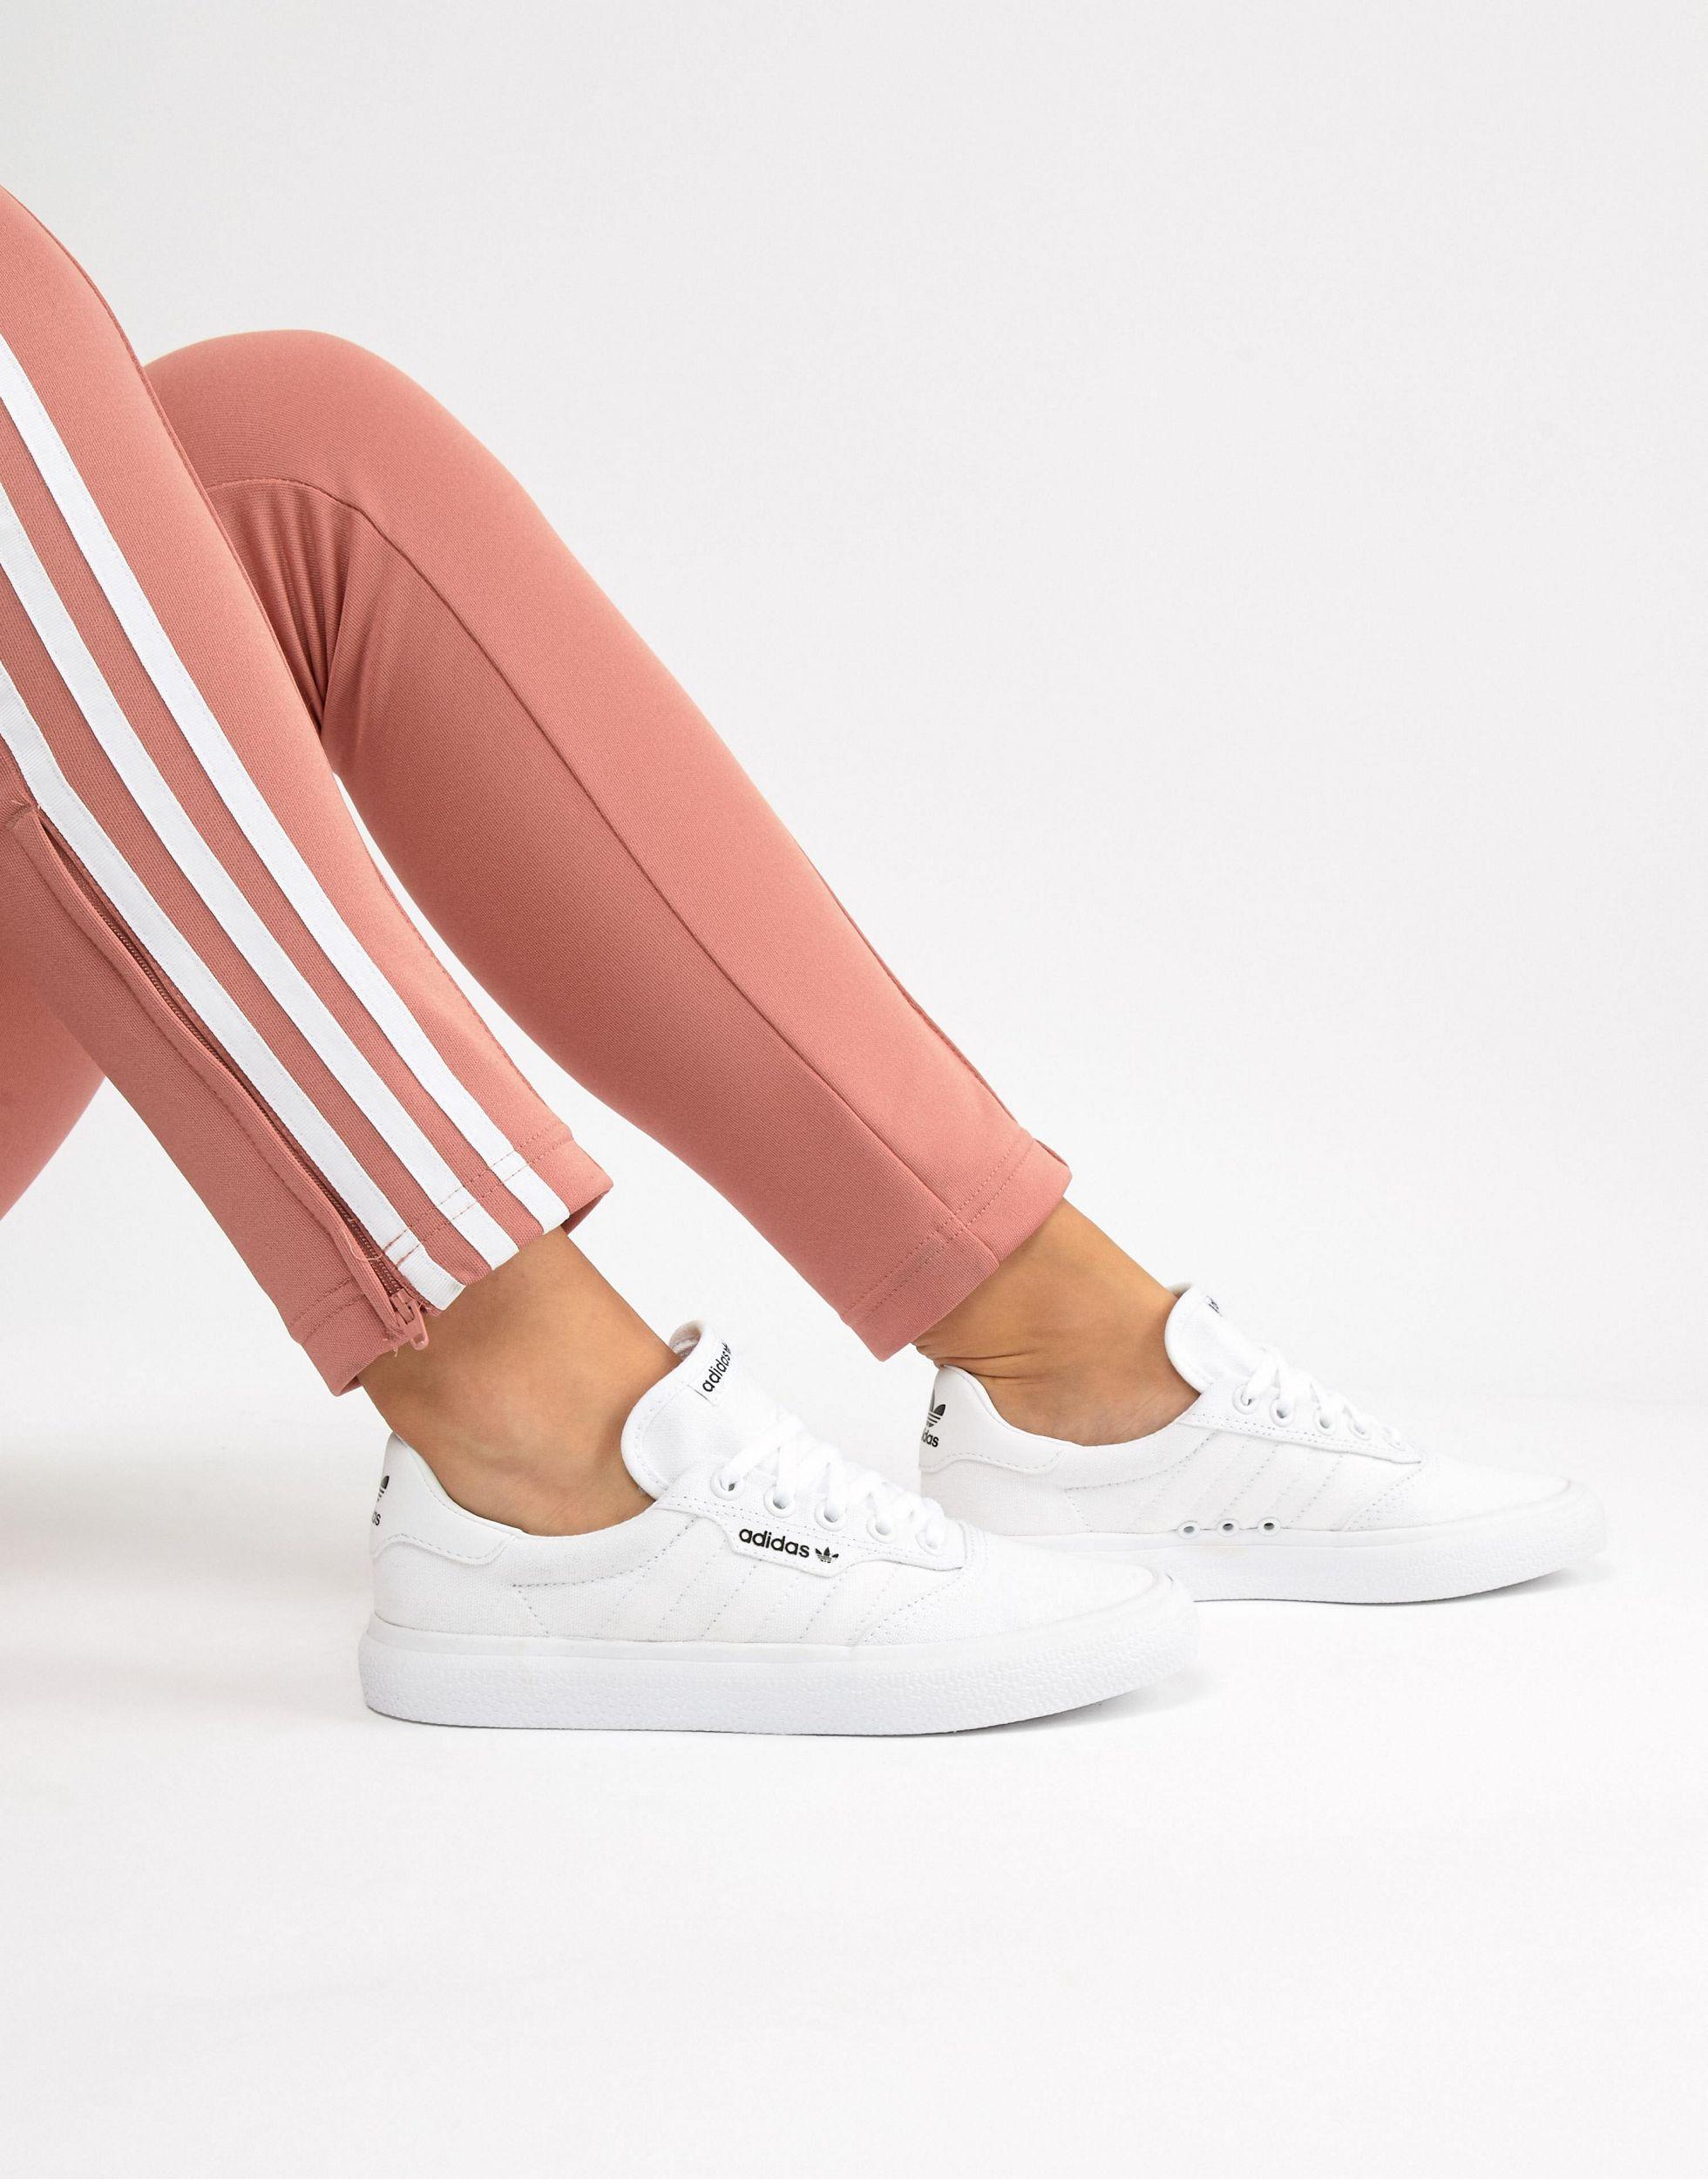 adidas Originals 3mc in White - Save 57